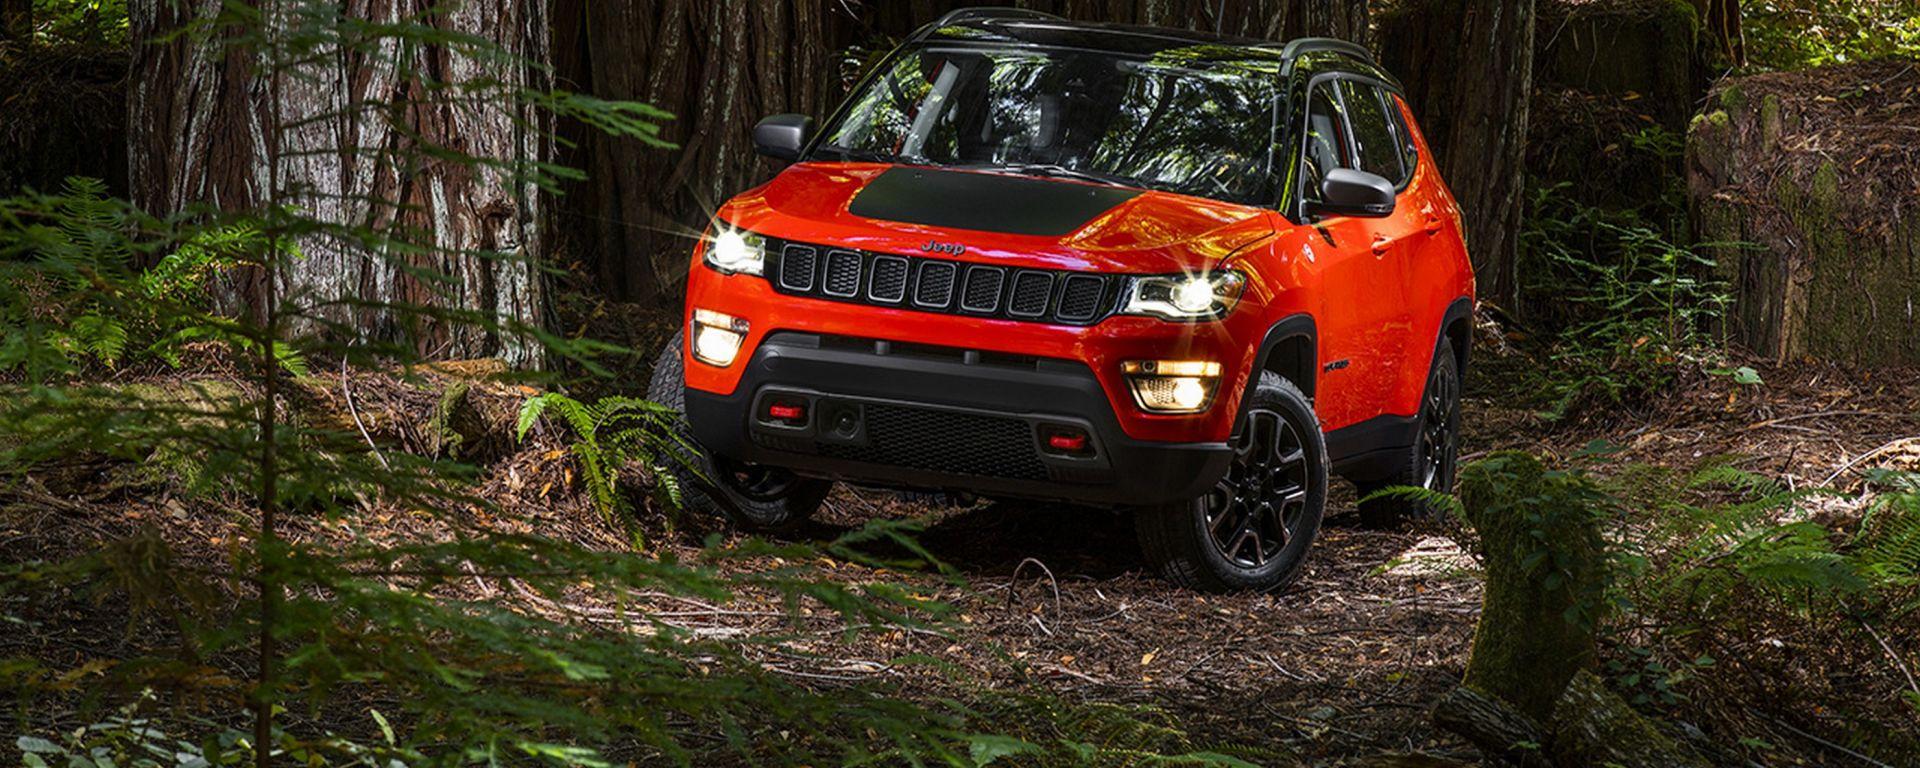 Jeep Compass: non dovrebbe mancare la versione Trailhawk, quella più adatta all'offroad